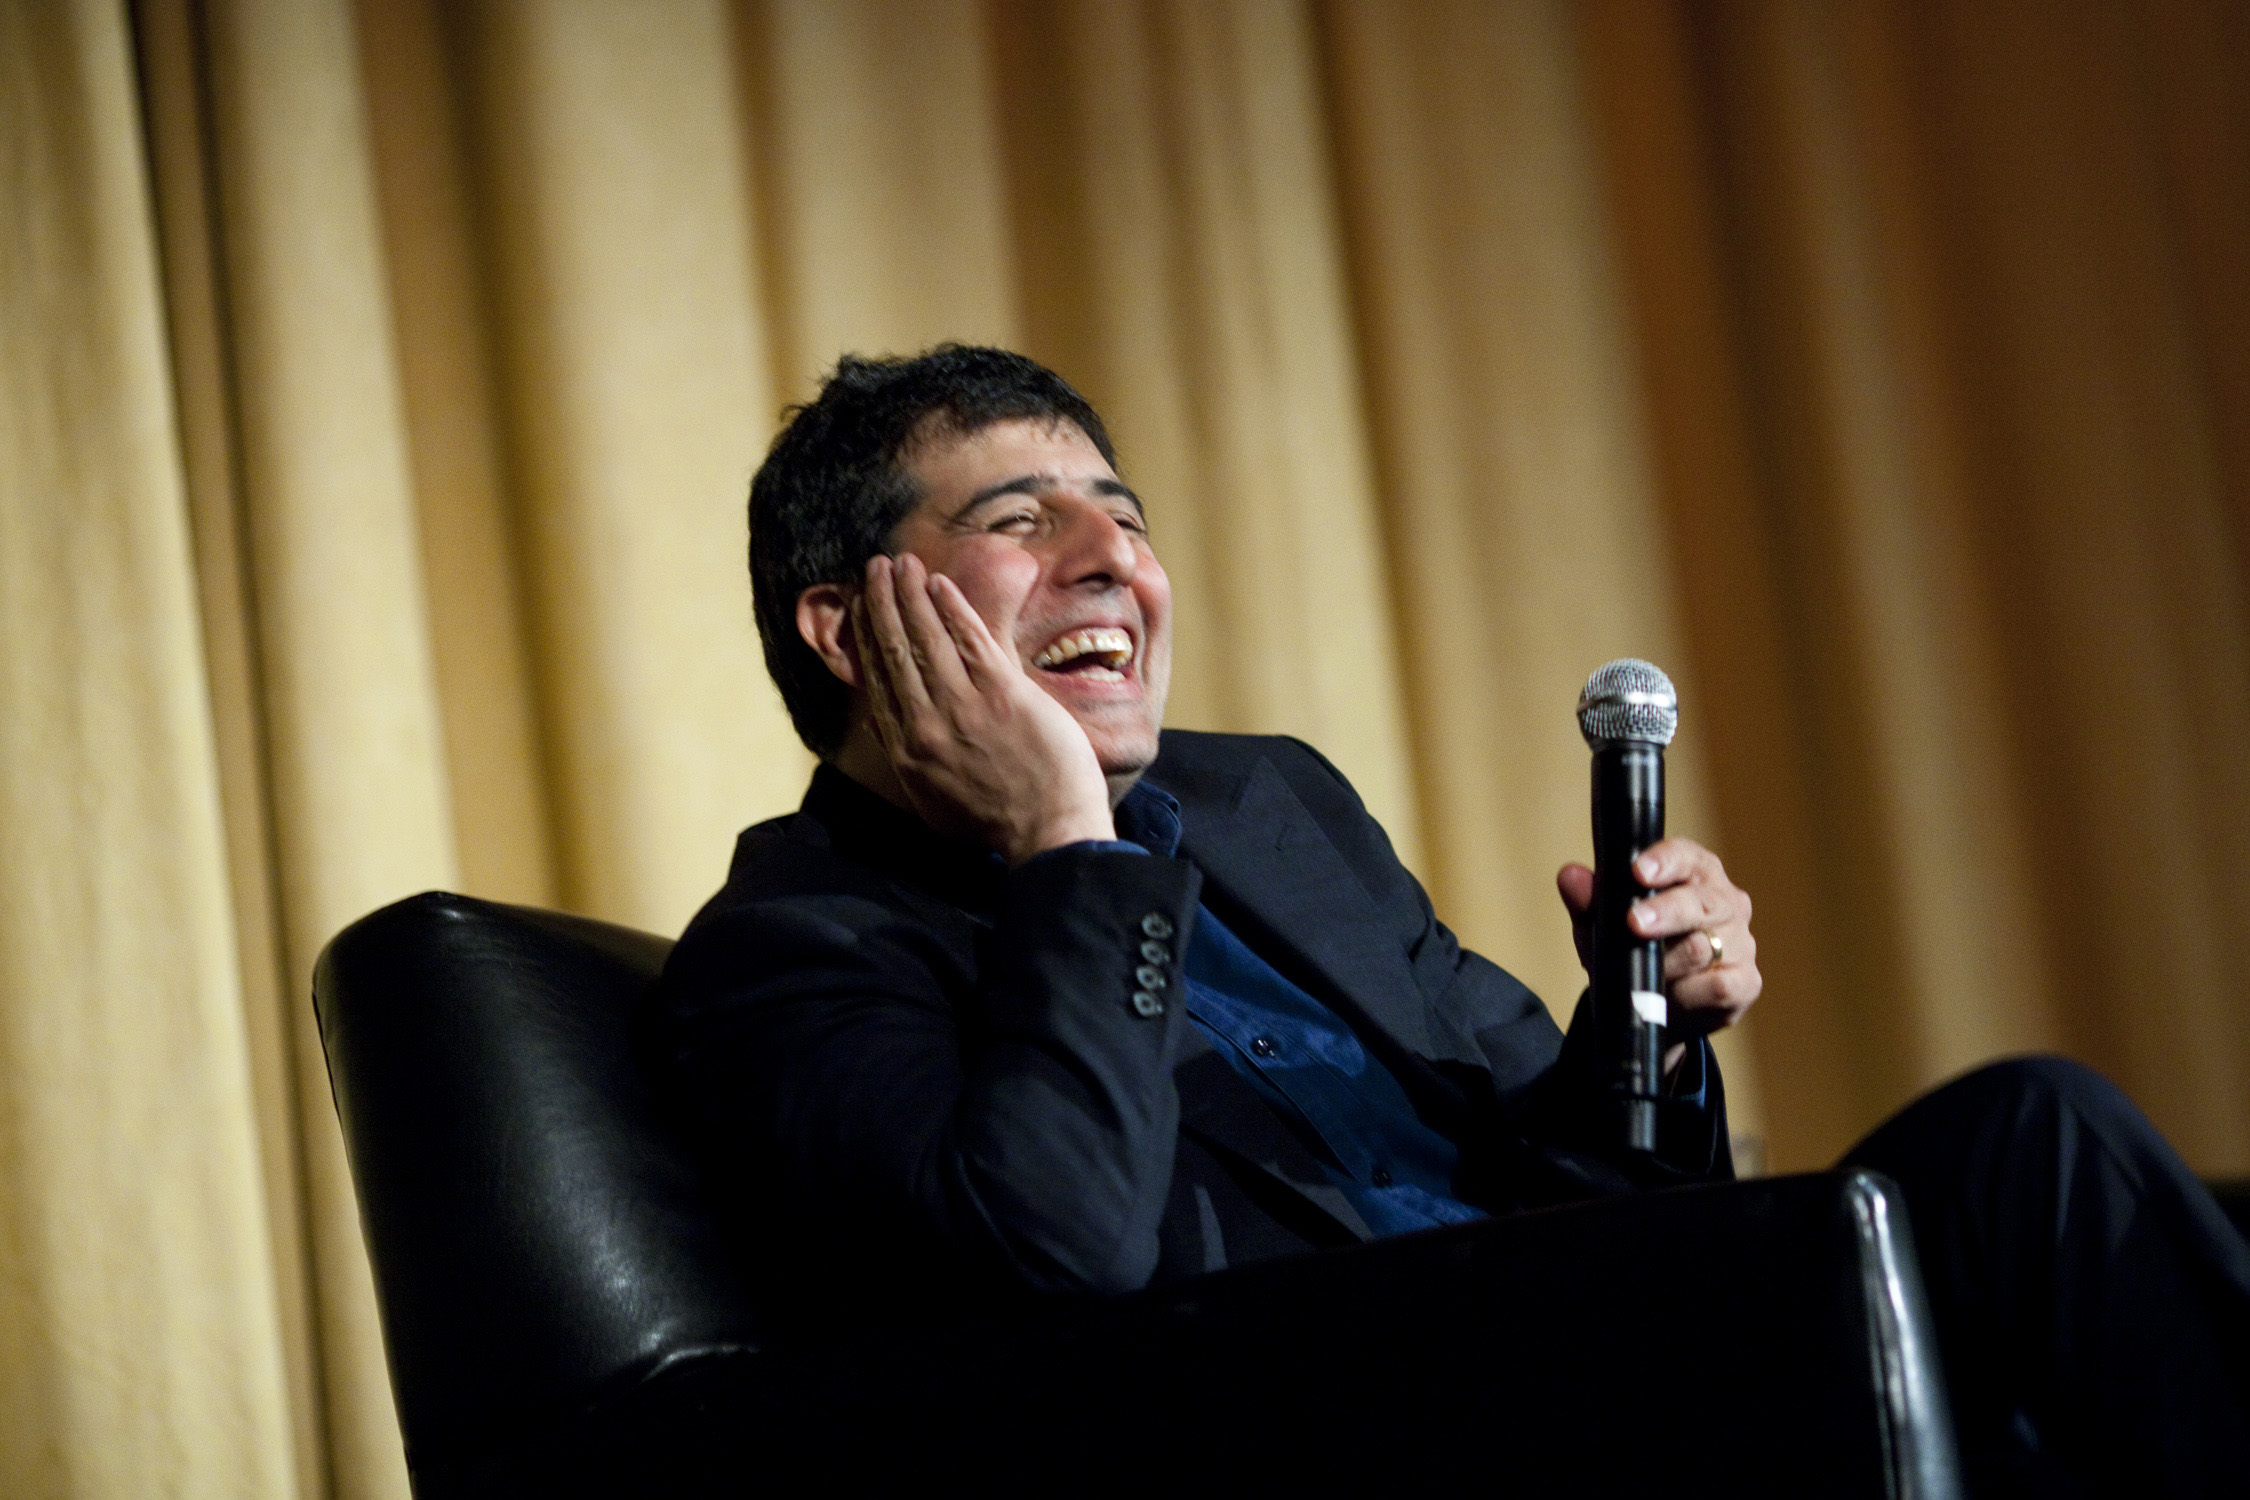 Director Hossein Amini